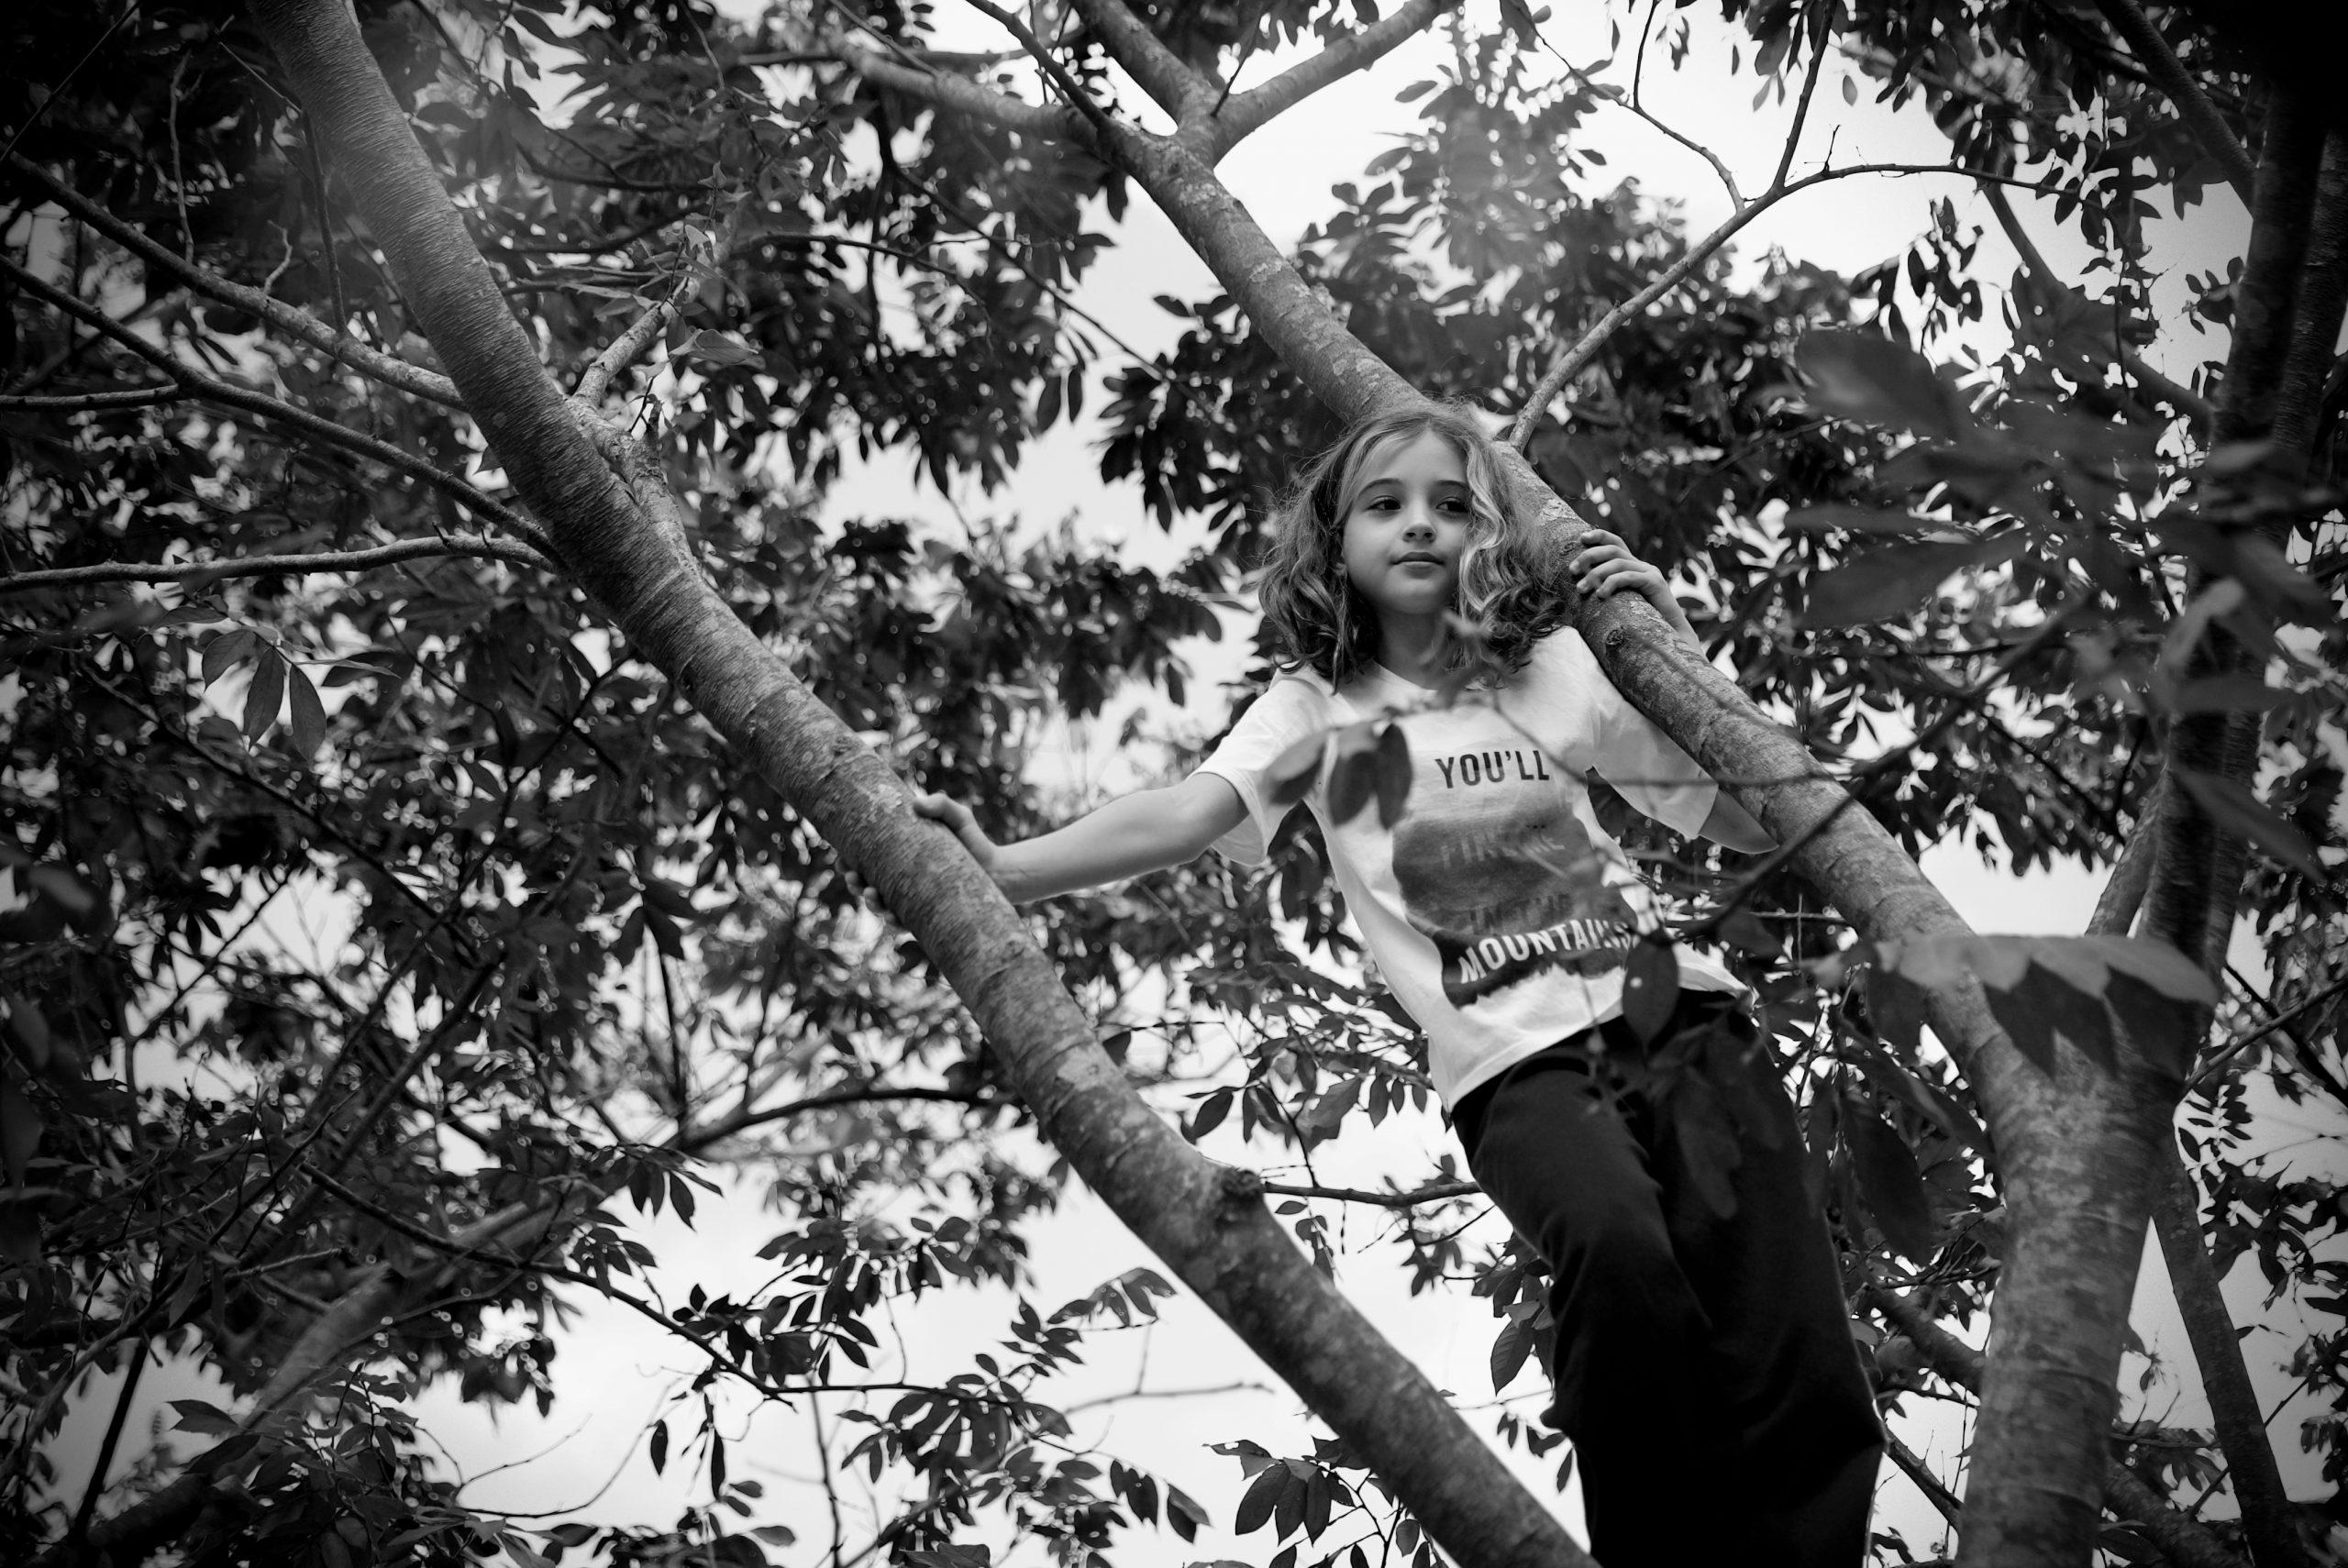 Foto em preto e branco. Criança em cima de uma árvore. Ela está em pé, segurando com as duas mãos em galhos.